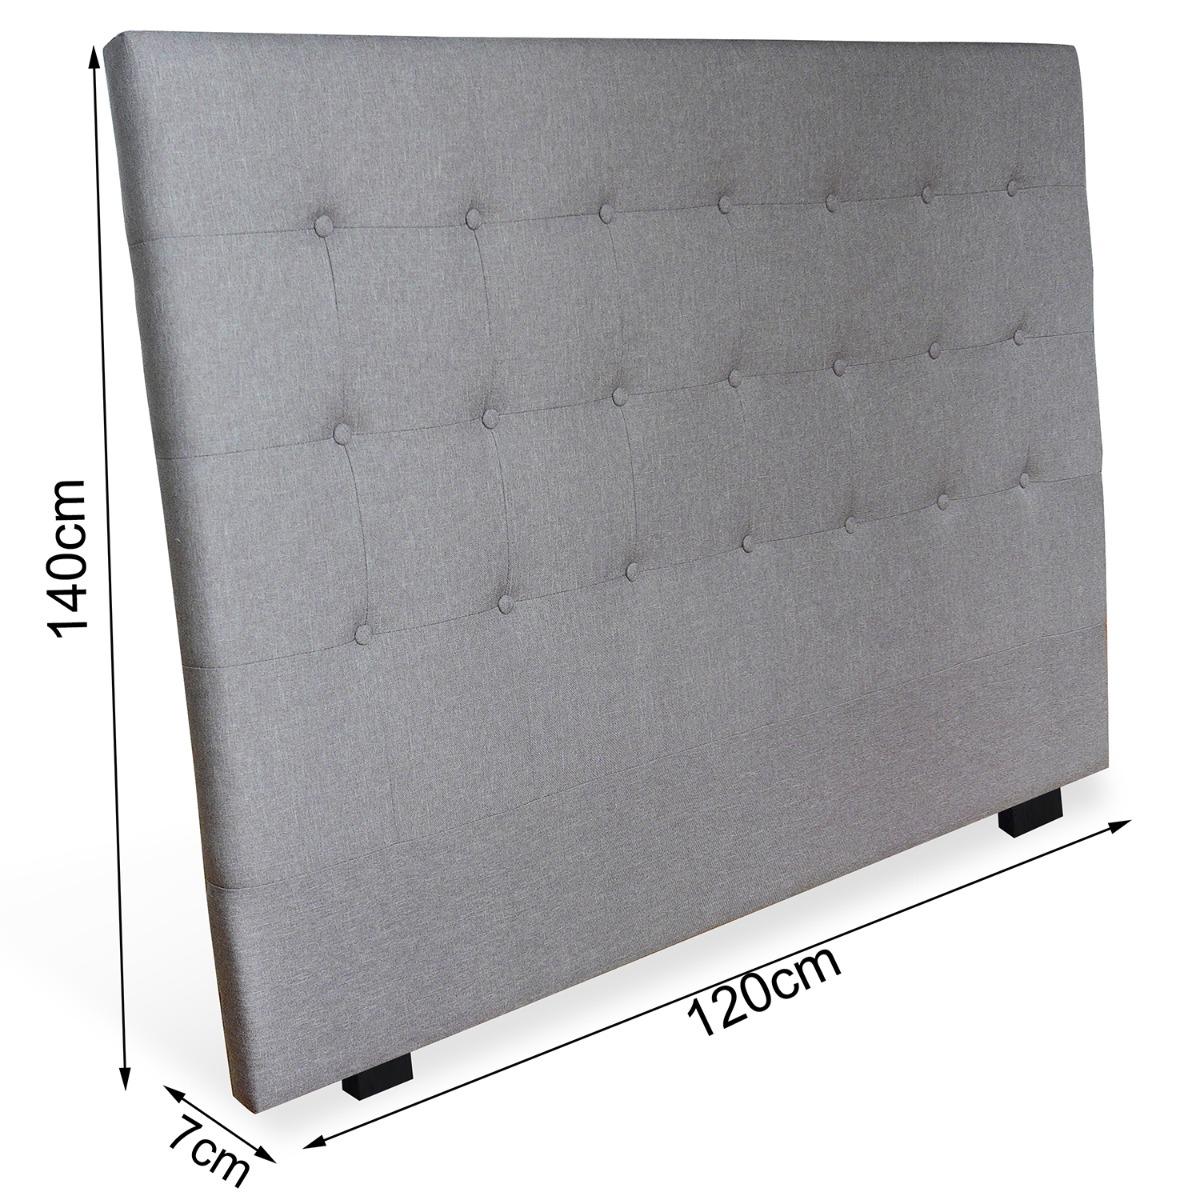 Tête de lit Luxor 160cm Noir